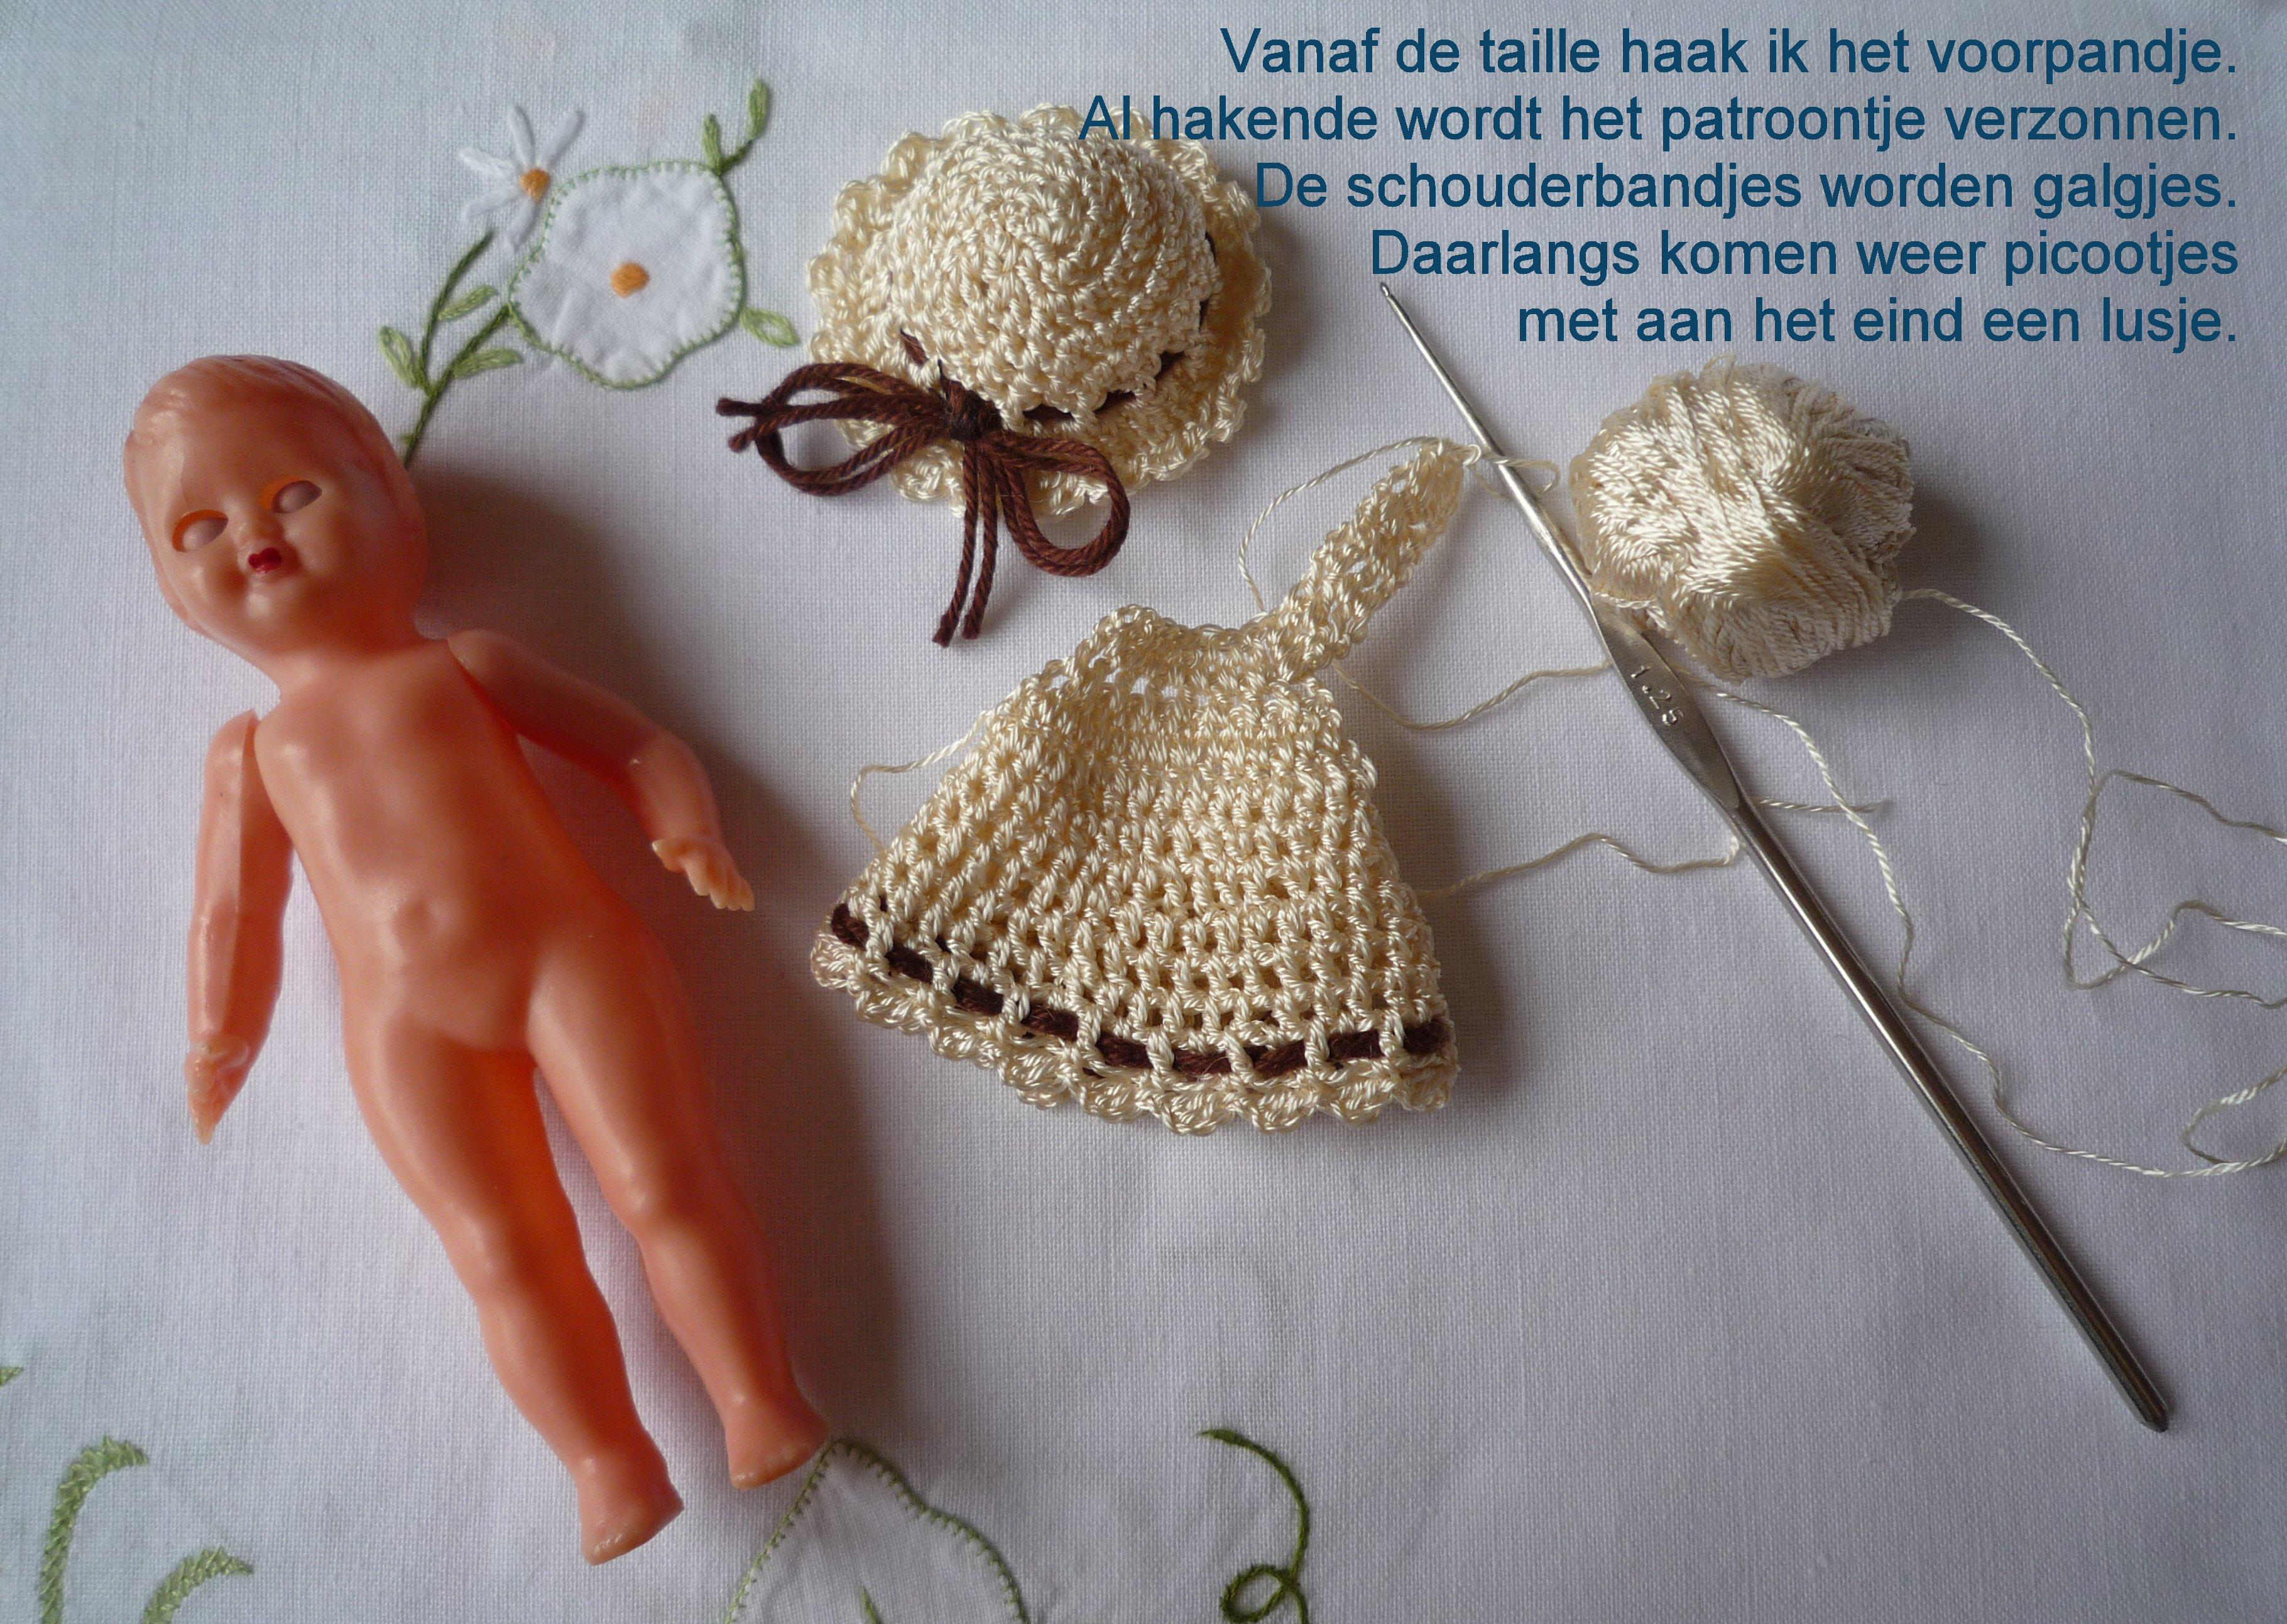 https://welkepopisdat.nl/afbeeldingen-Forum/DurvinaFotos/Mini%20kleertjes%20(2).JPG